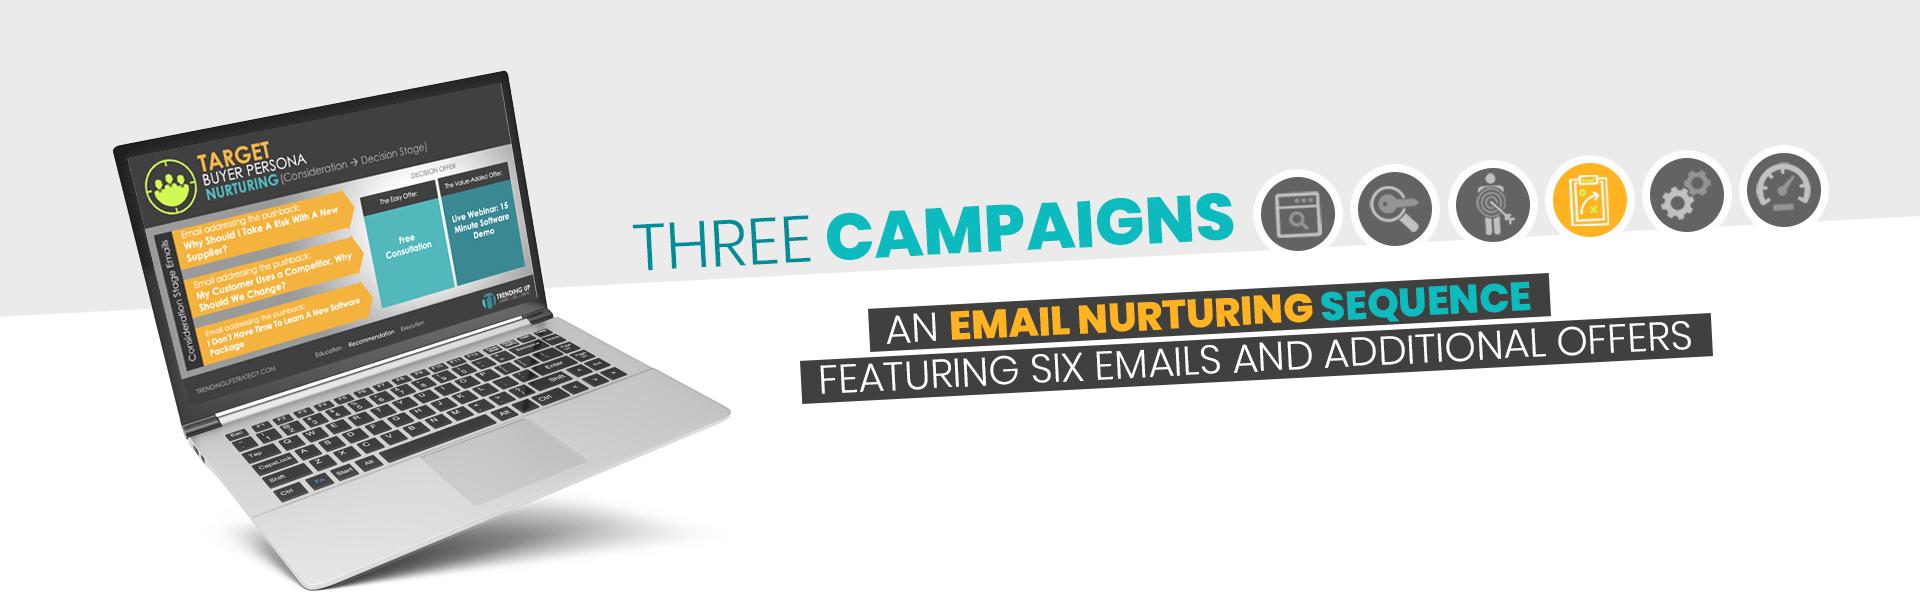 Campaign - Email Nurturing